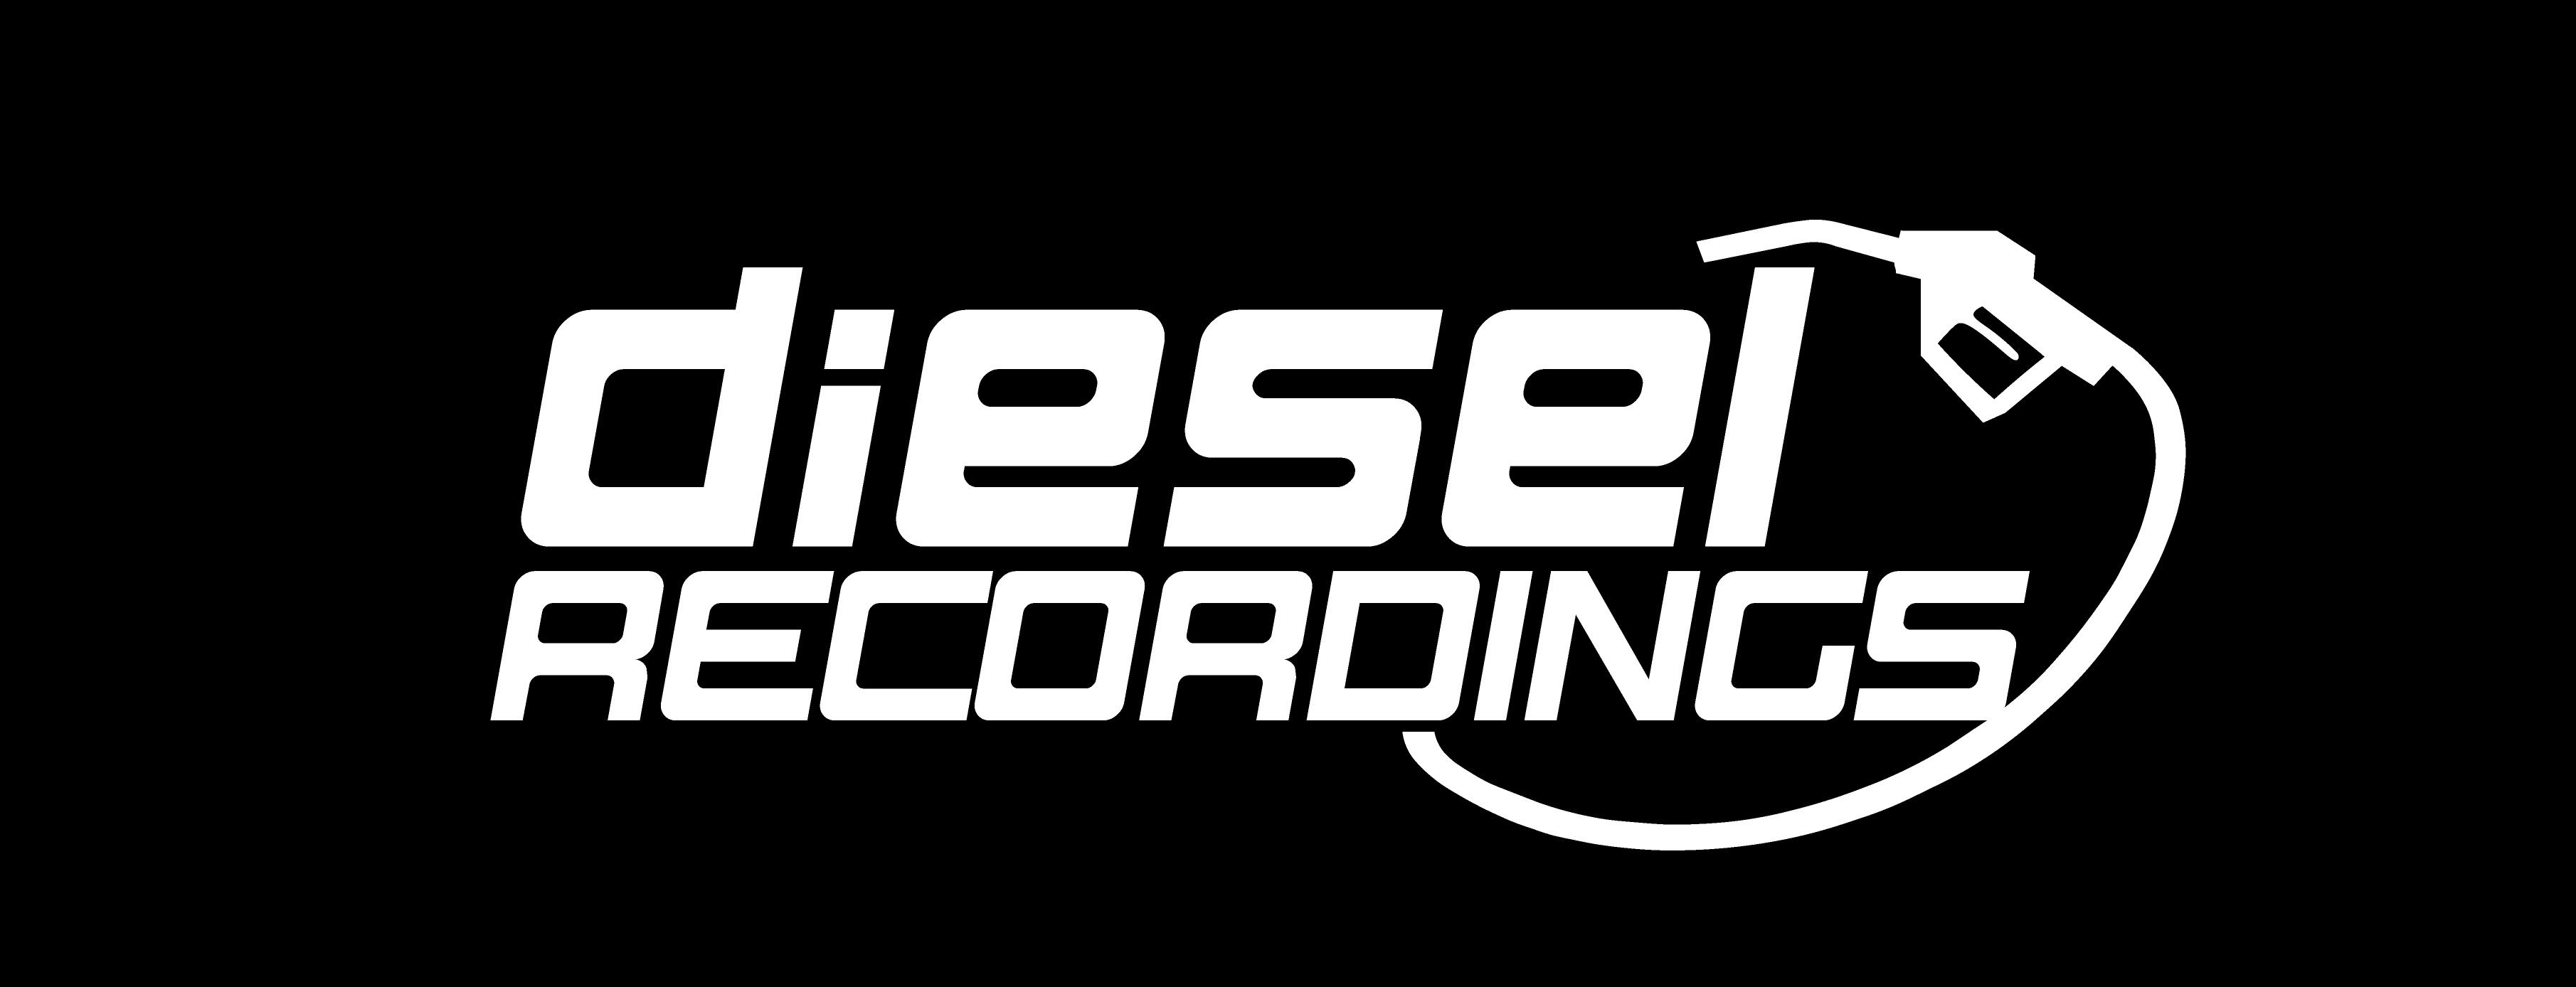 Diesel Recordings